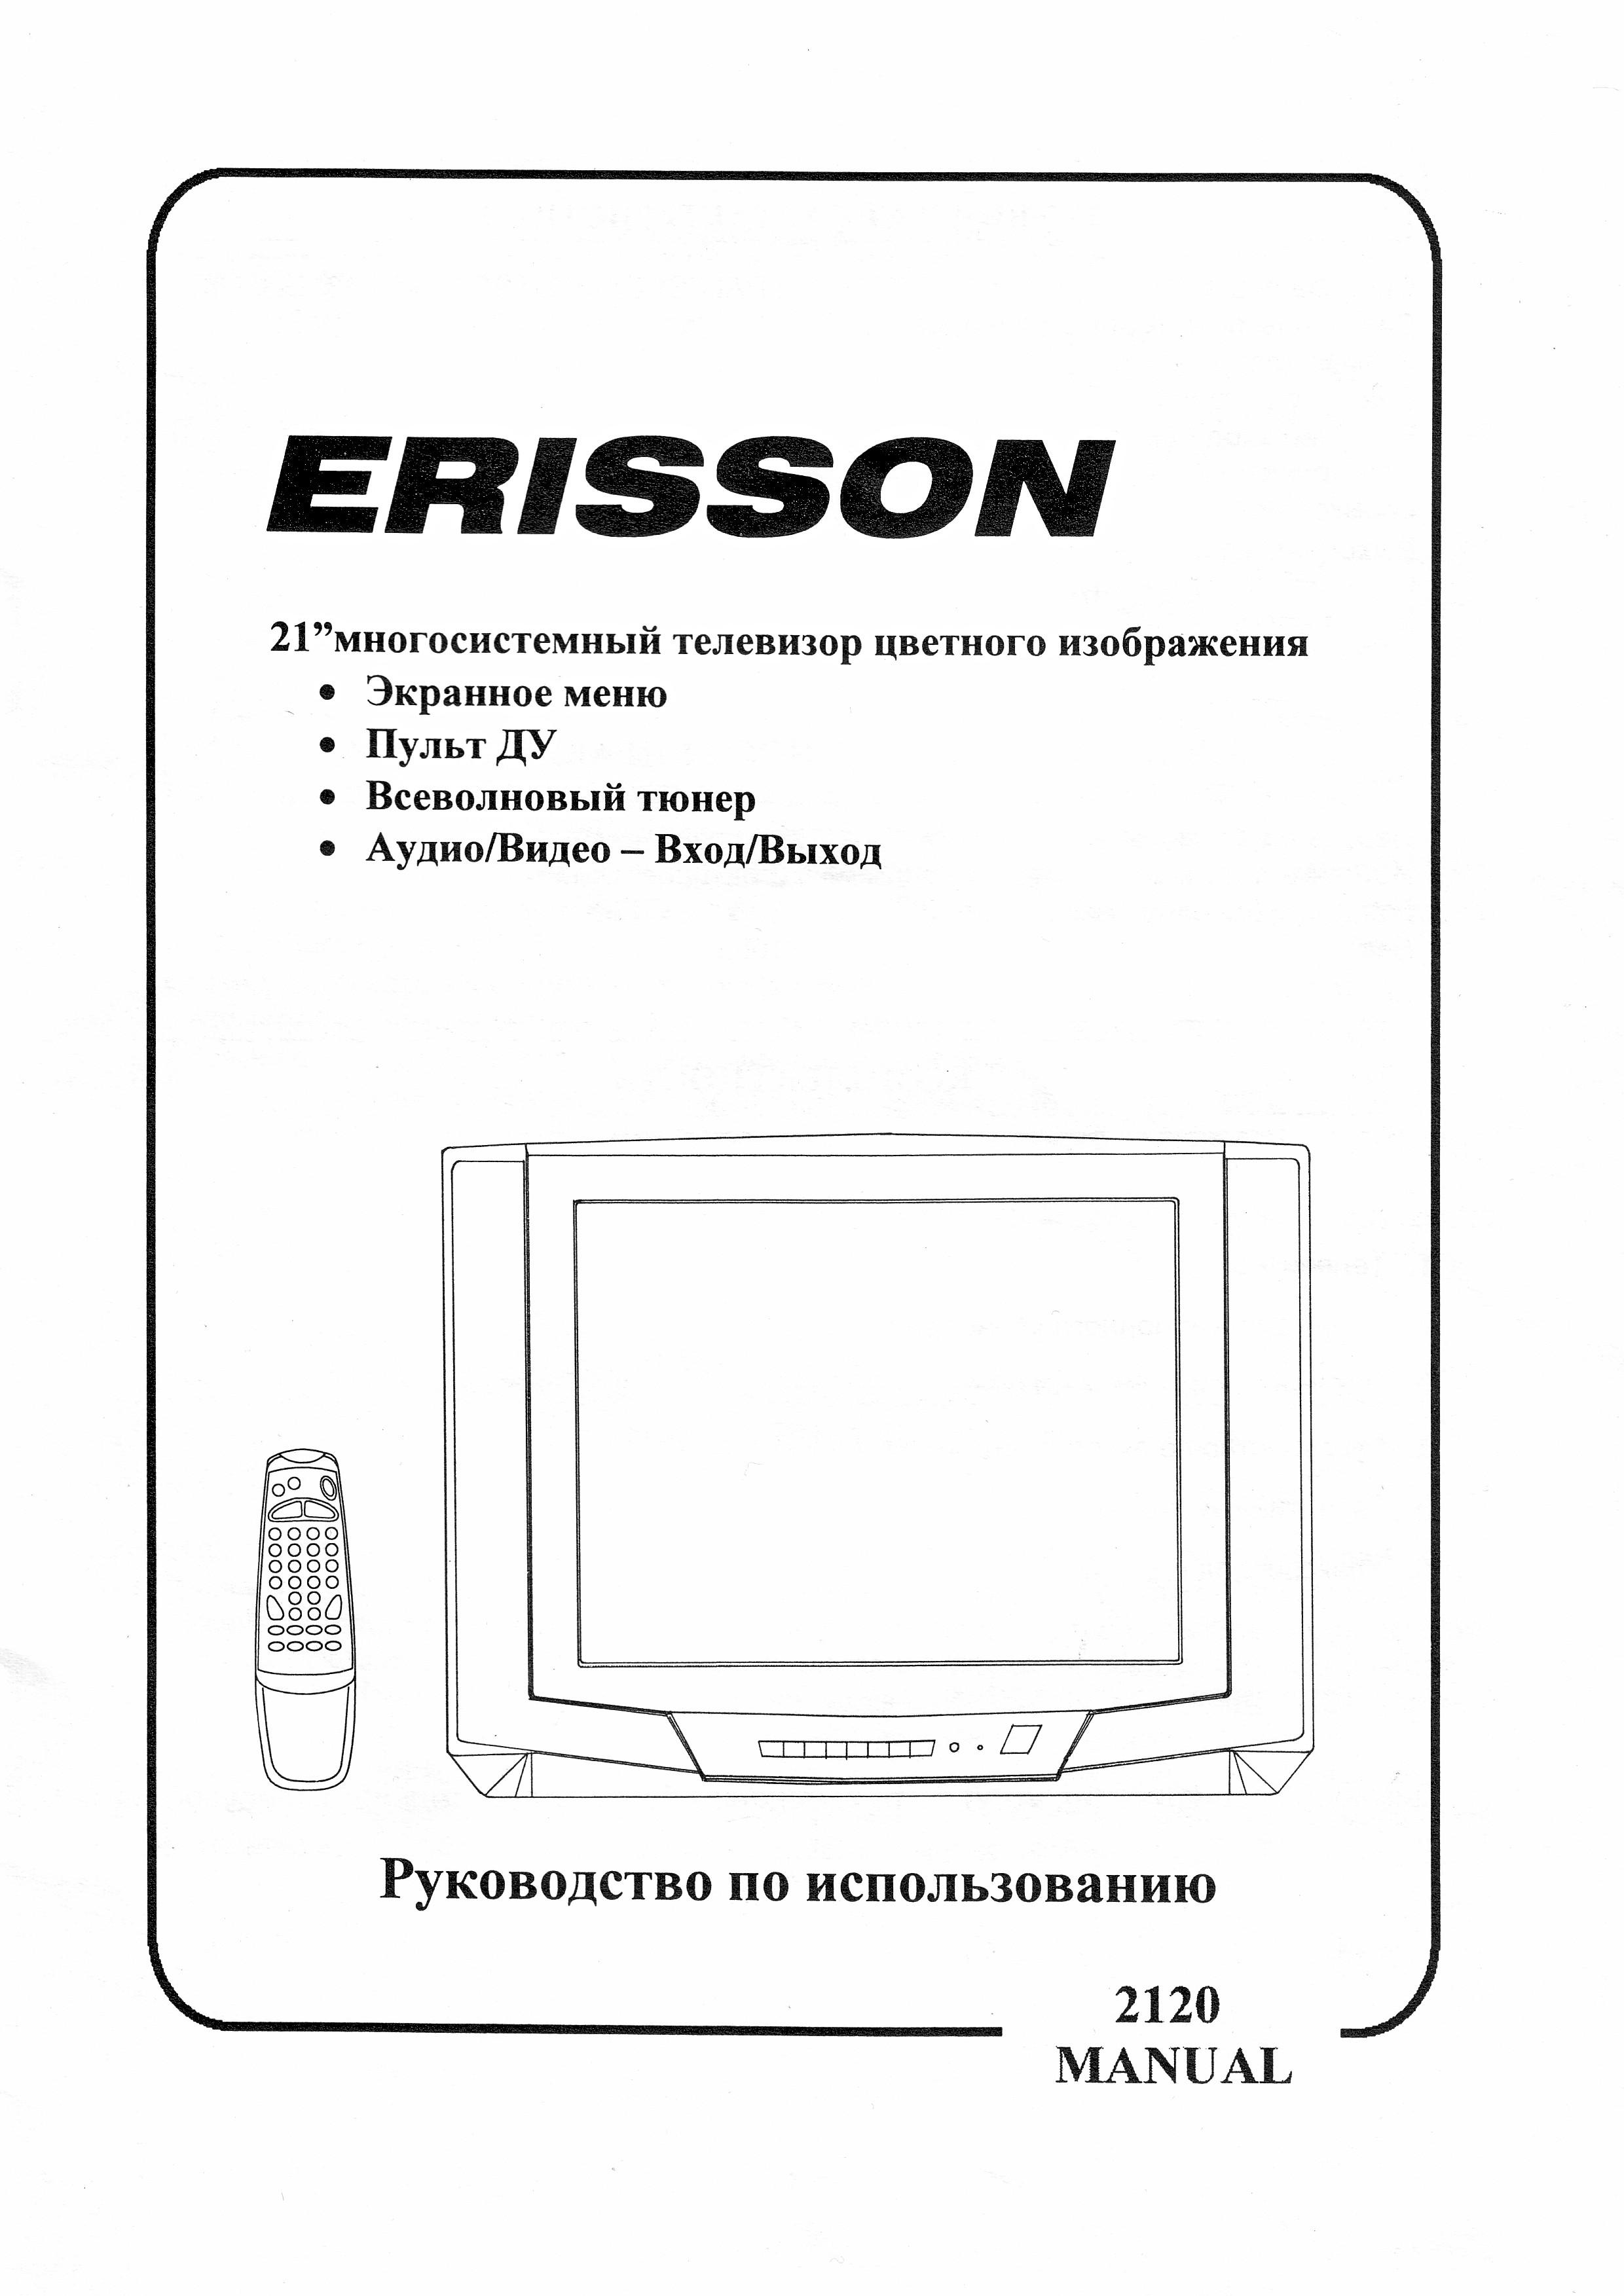 Телевизор эриксон инструкция